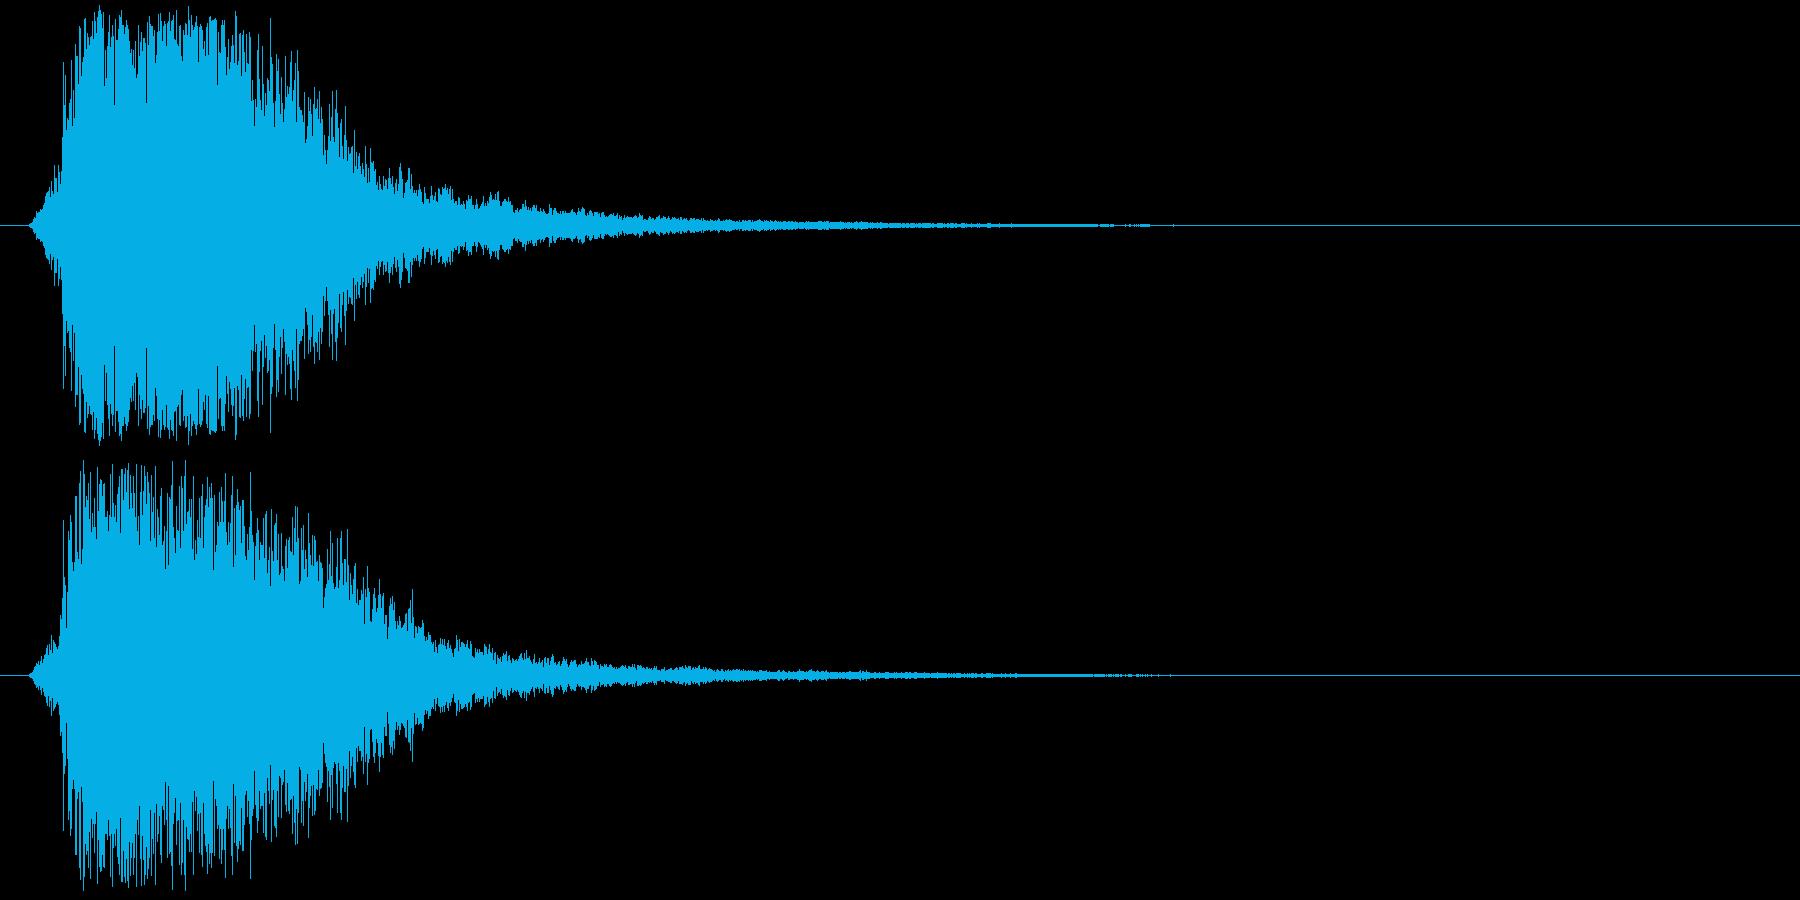 シャキーン!強烈なインパクト効果音3Cの再生済みの波形